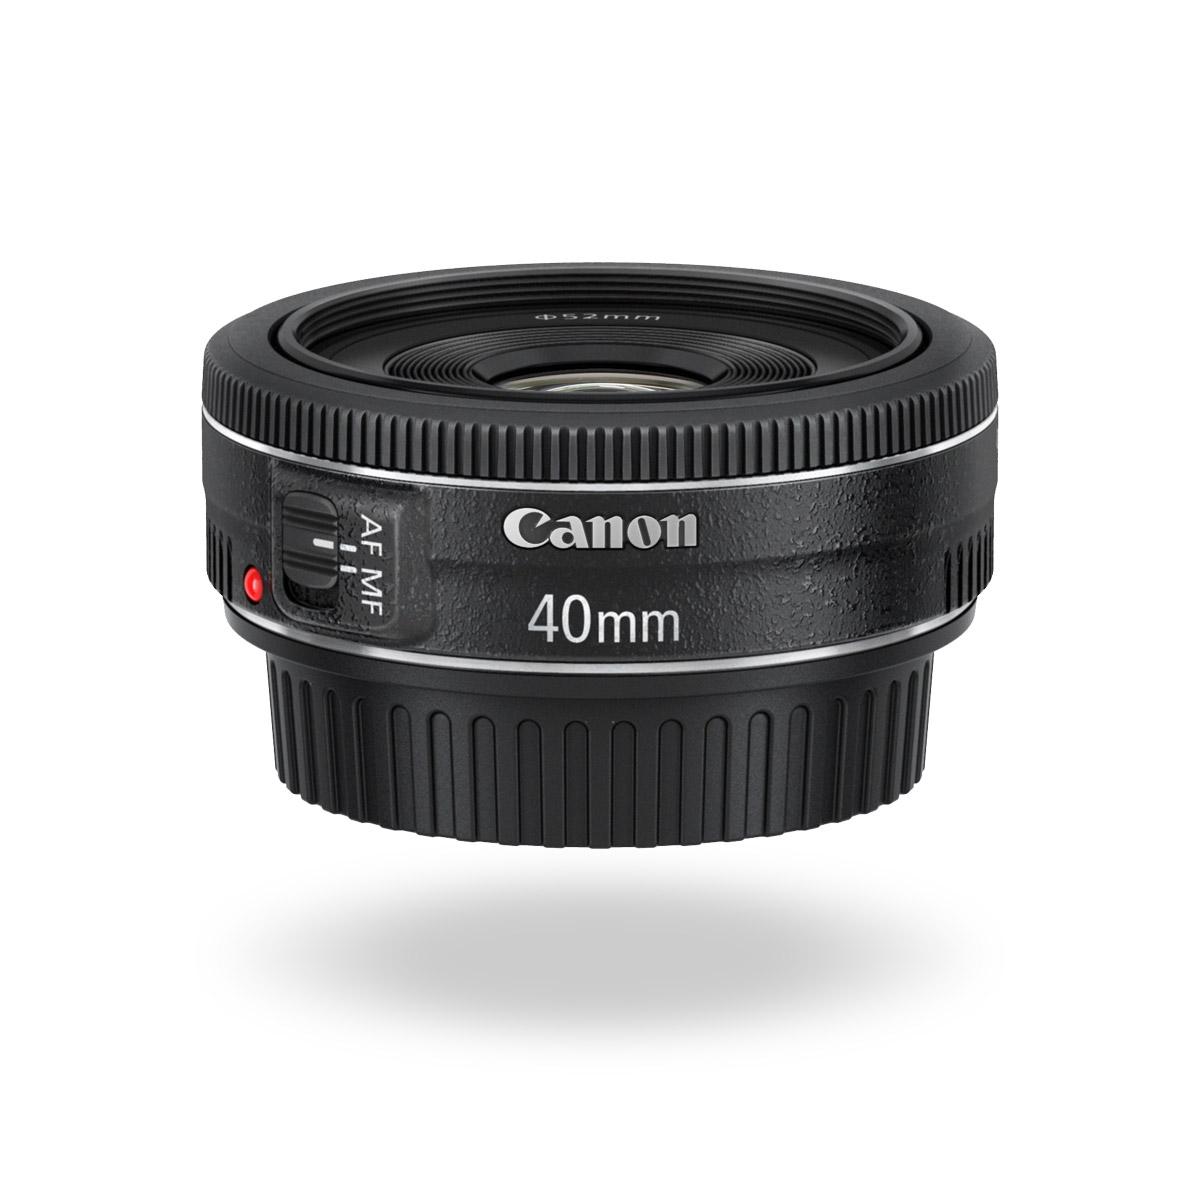 EF 40mm f/2.8 STM lens